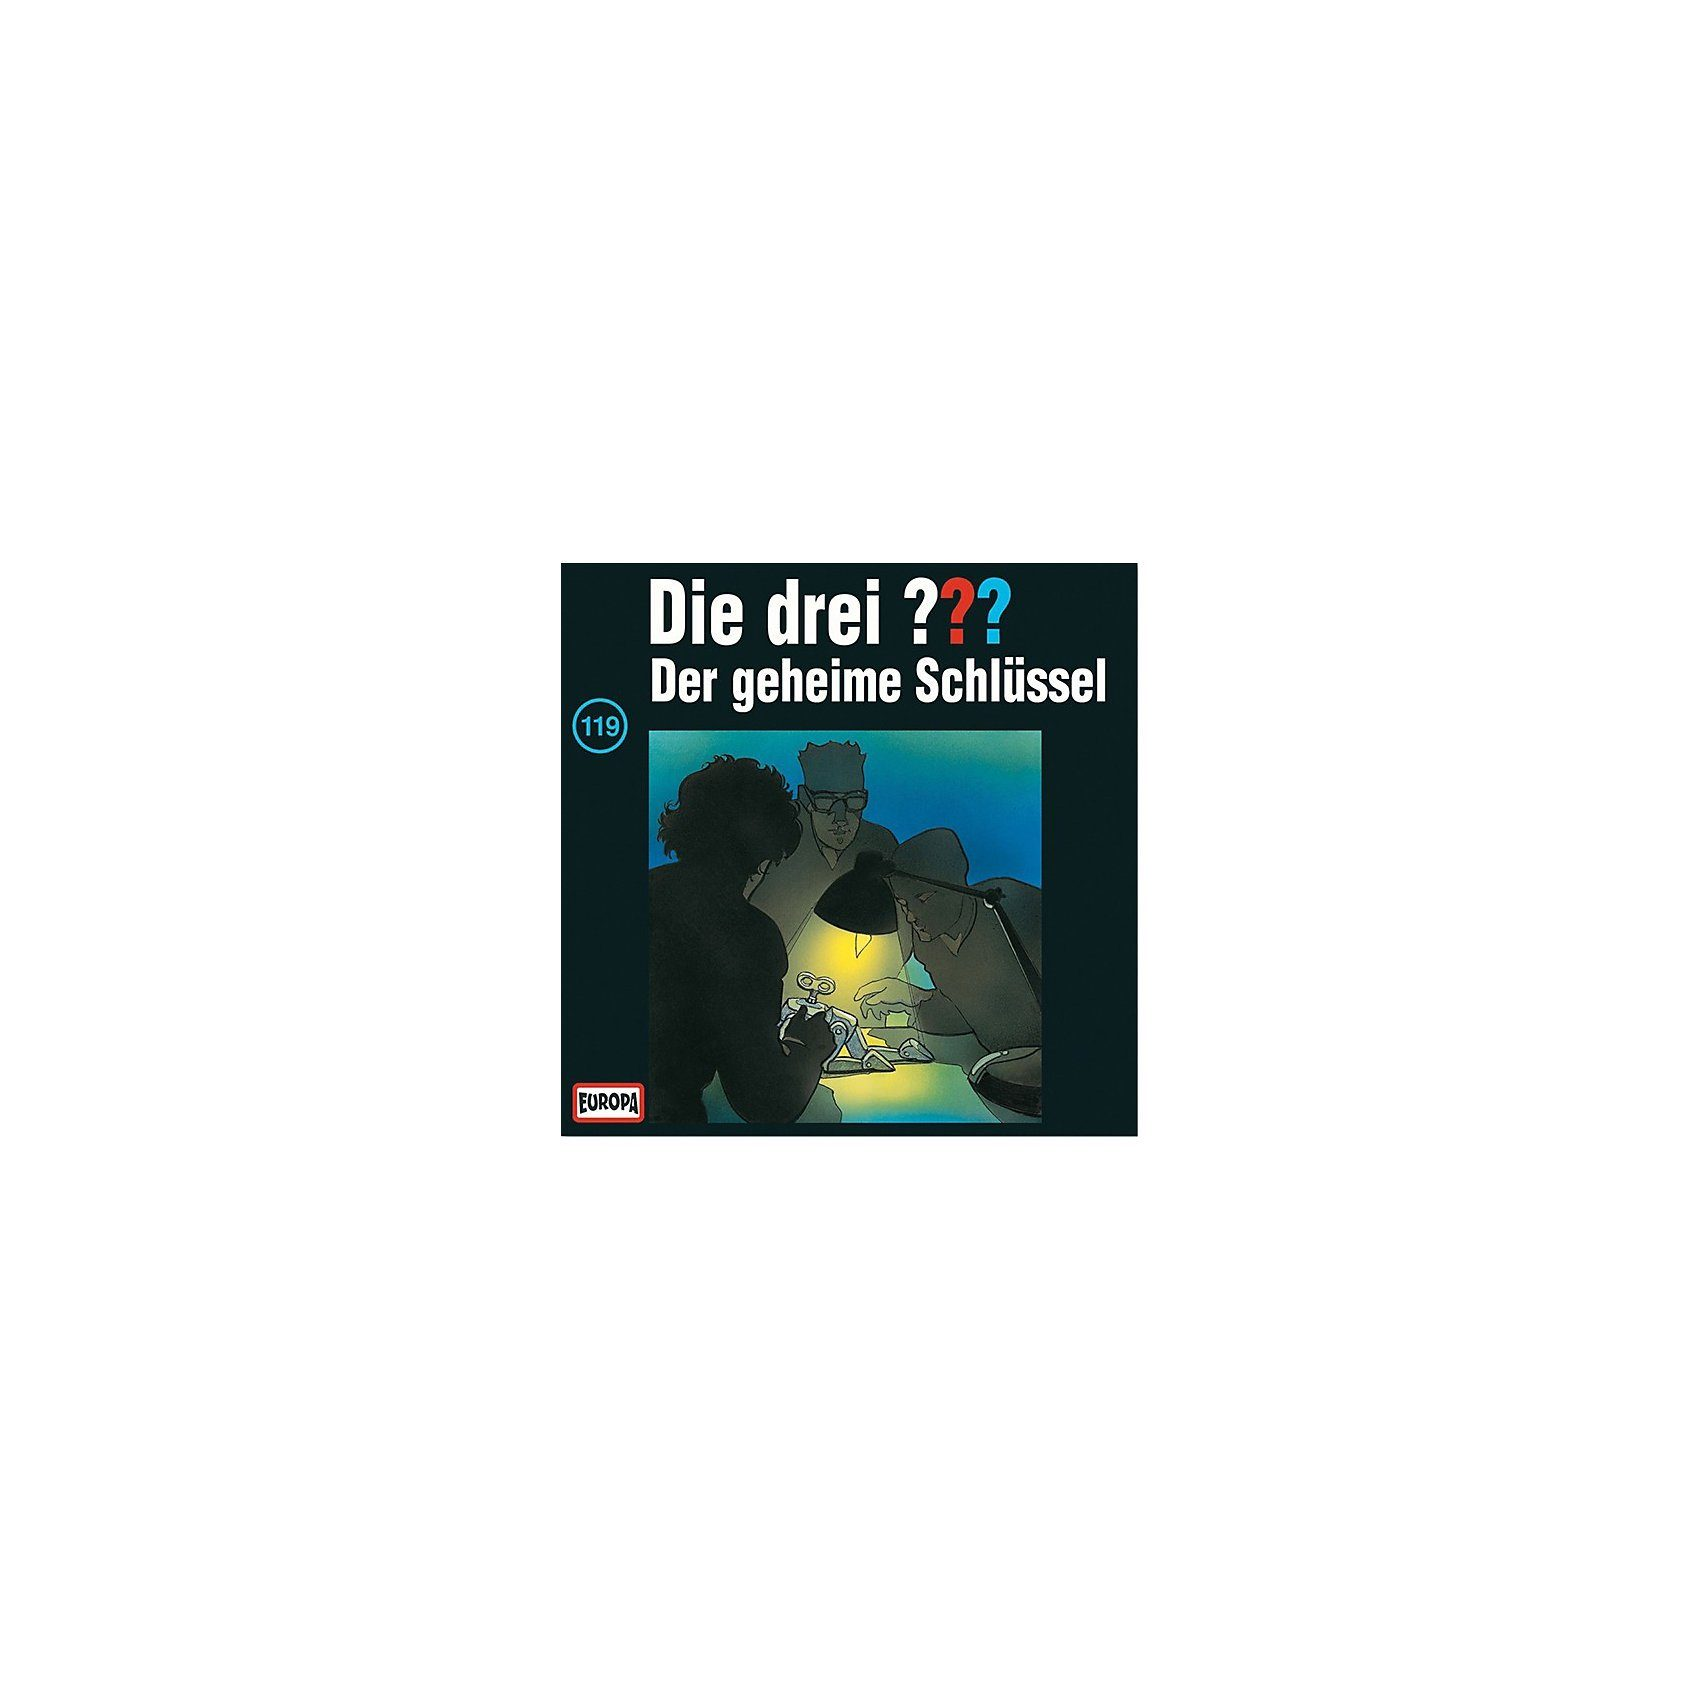 SONY BMG MUSIC CD Die Drei ??? 119 - Der geheime Schlüssel